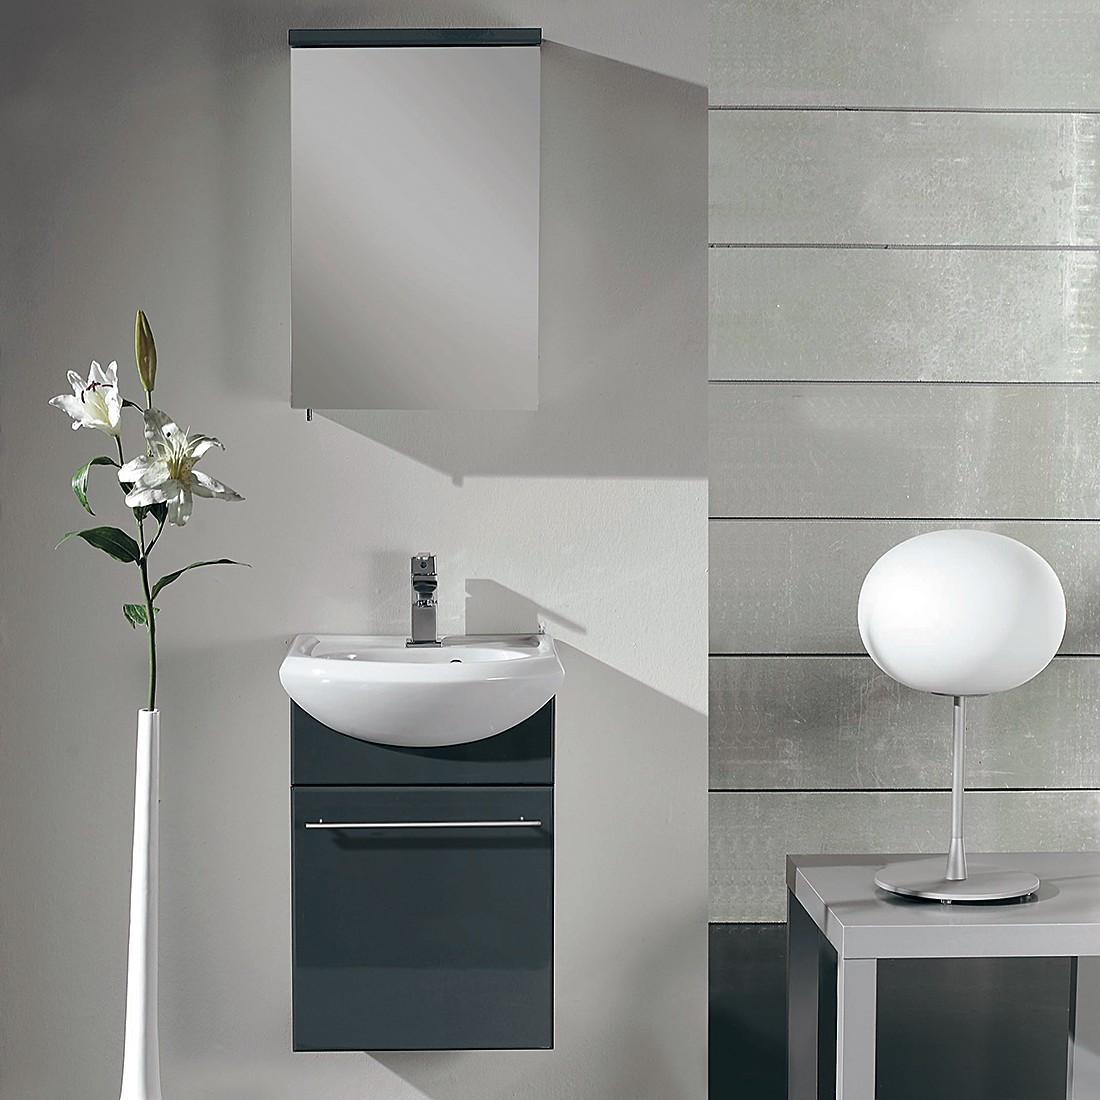 Waschplatz Finny – Anthrazit/Weiß, Aqua Suite günstig